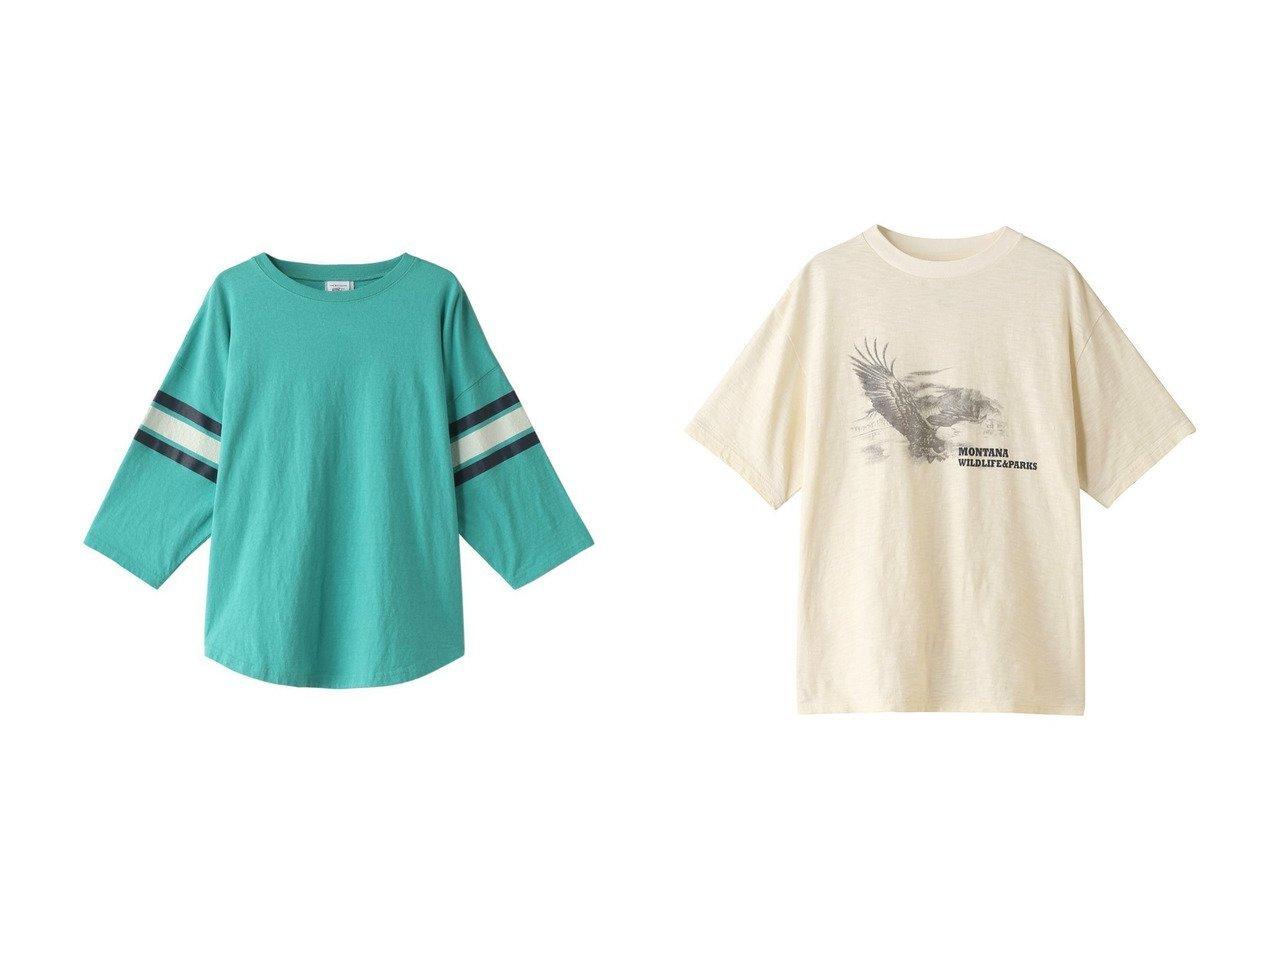 【Shinzone/シンゾーン】のGREEN LEAF Tシャツ&イーグルプリントTシャツ 【トップス・カットソー】おすすめ!人気、トレンド・レディースファッションの通販 おすすめで人気の流行・トレンド、ファッションの通販商品 メンズファッション・キッズファッション・インテリア・家具・レディースファッション・服の通販 founy(ファニー) https://founy.com/ ファッション Fashion レディースファッション WOMEN トップス・カットソー Tops/Tshirt シャツ/ブラウス Shirts/Blouses ロング / Tシャツ T-Shirts カットソー Cut and Sewn ショート スポーティ スリーブ トレンド プリーツ ボトム ワイド フェミニン フロント プリント ベーシック  ID:crp329100000033777